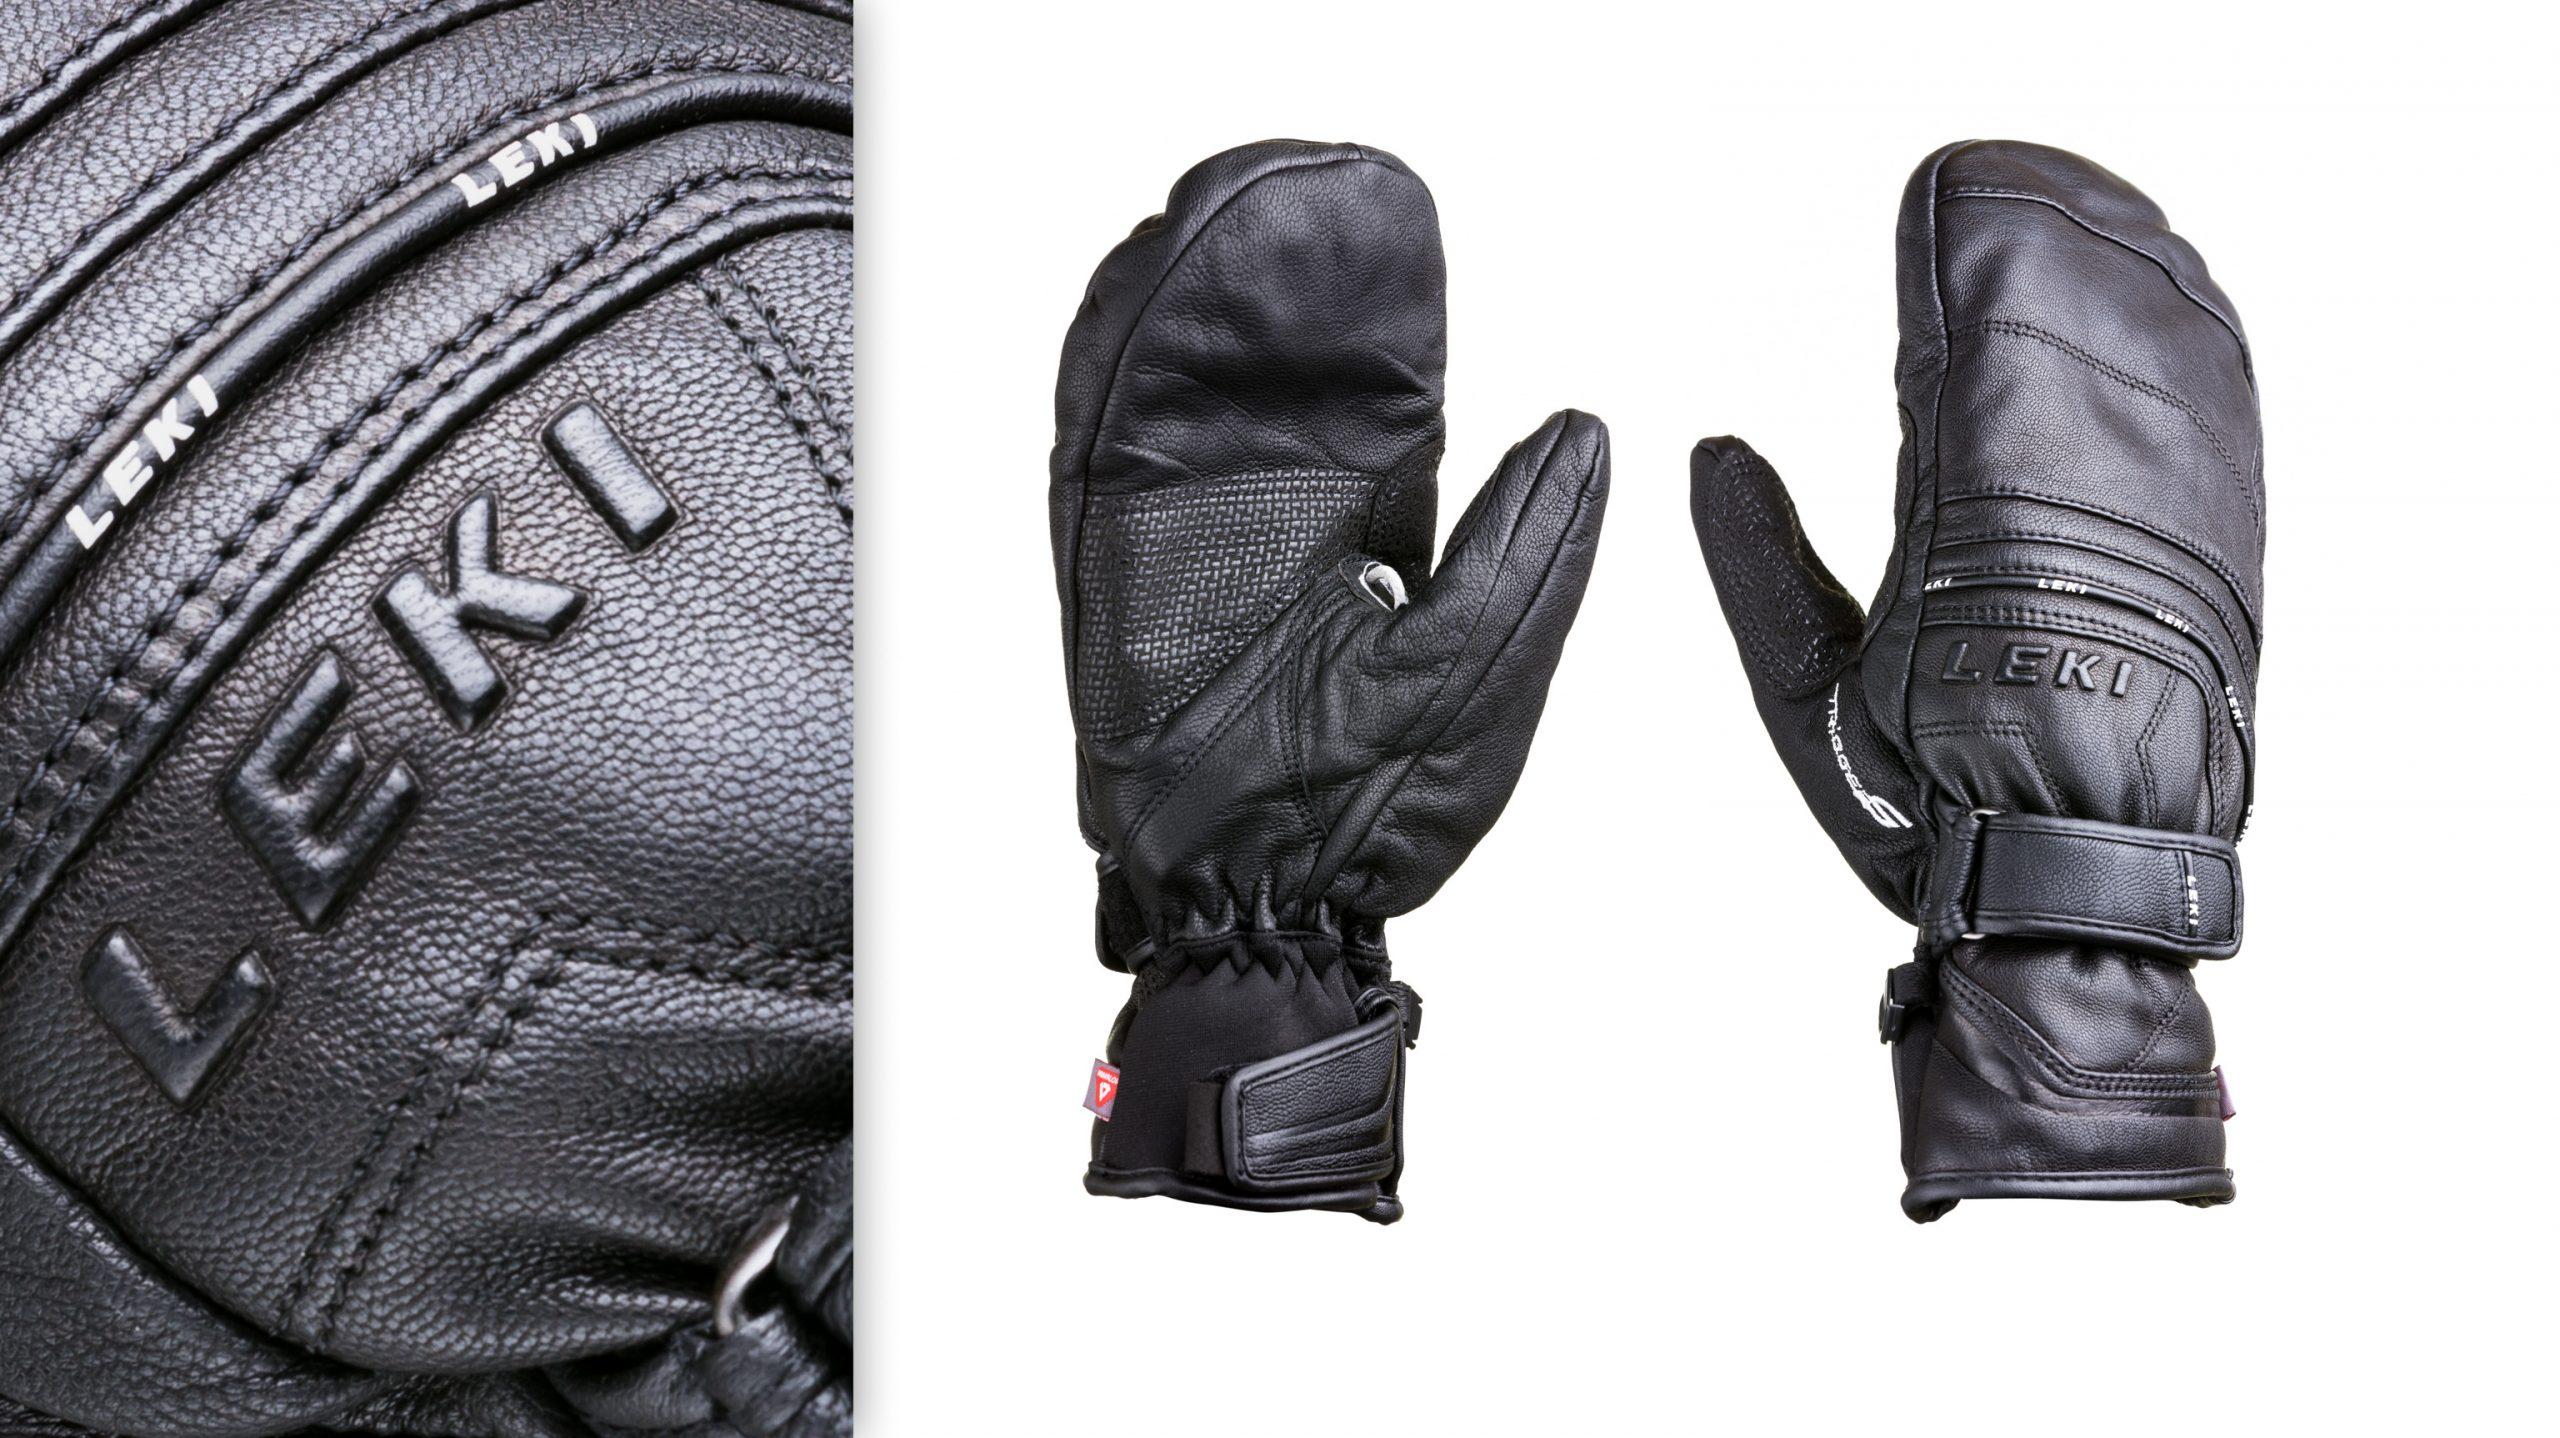 Produktphoto Leki Fuse Mittens Handschuhe Fäustlinge und emotional Detail vor weiß